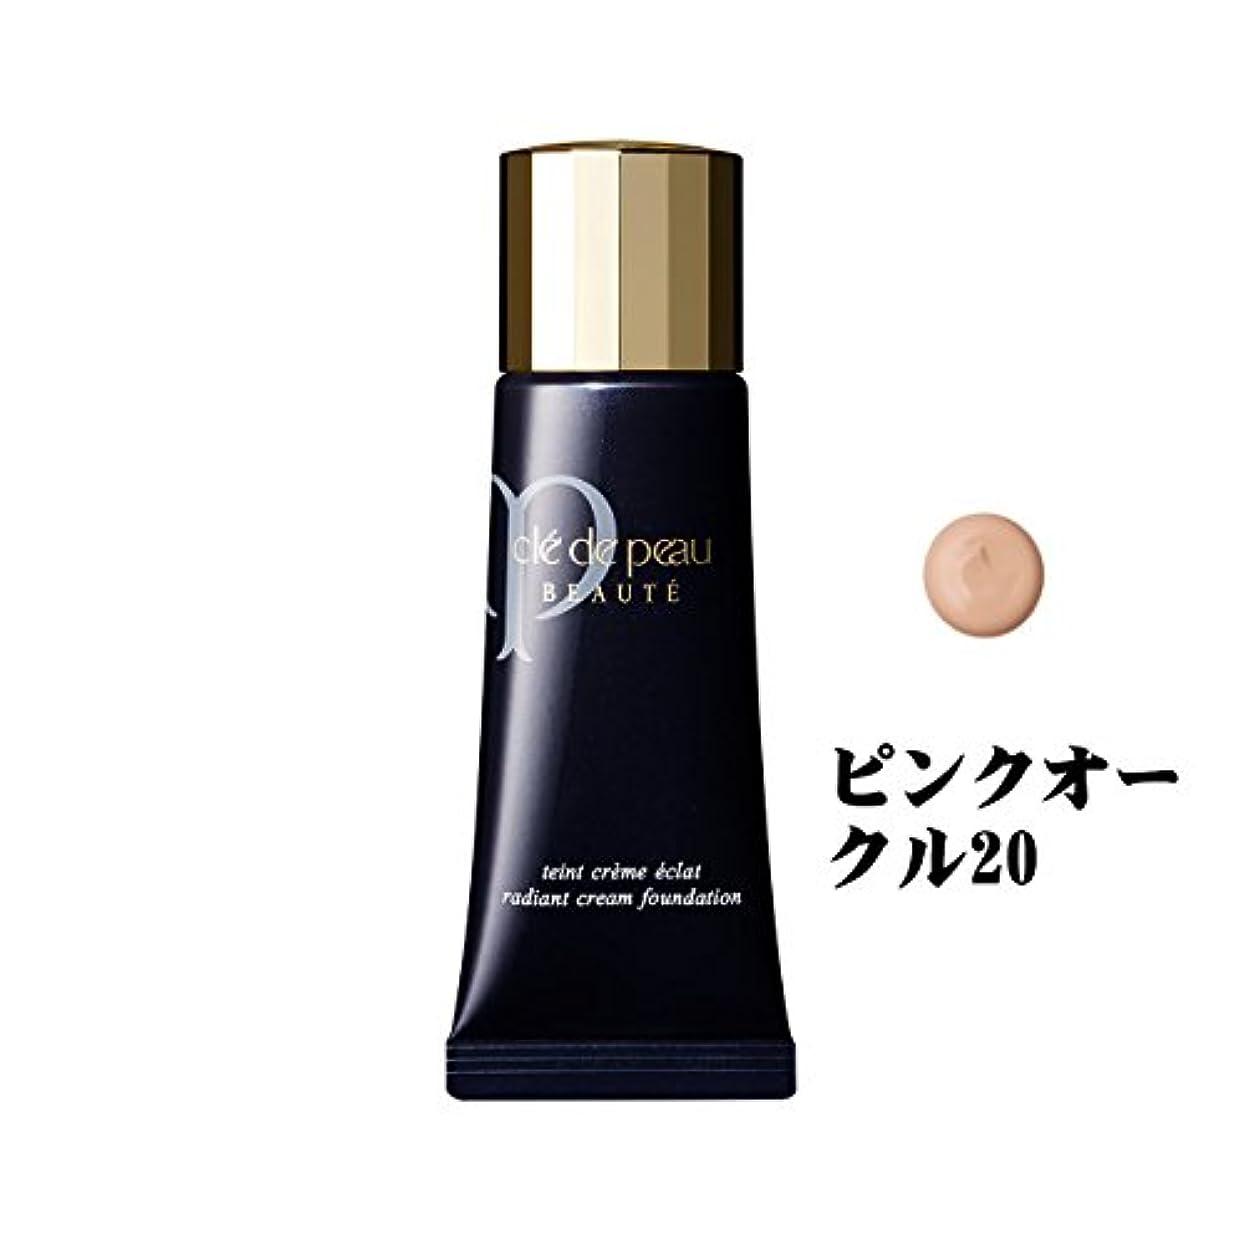 租界サイズ迅速資生堂/shiseido クレドポーボーテ/CPB タンクレームエクラ クリームタイプ SPF25?PA++ ピンクオークル20